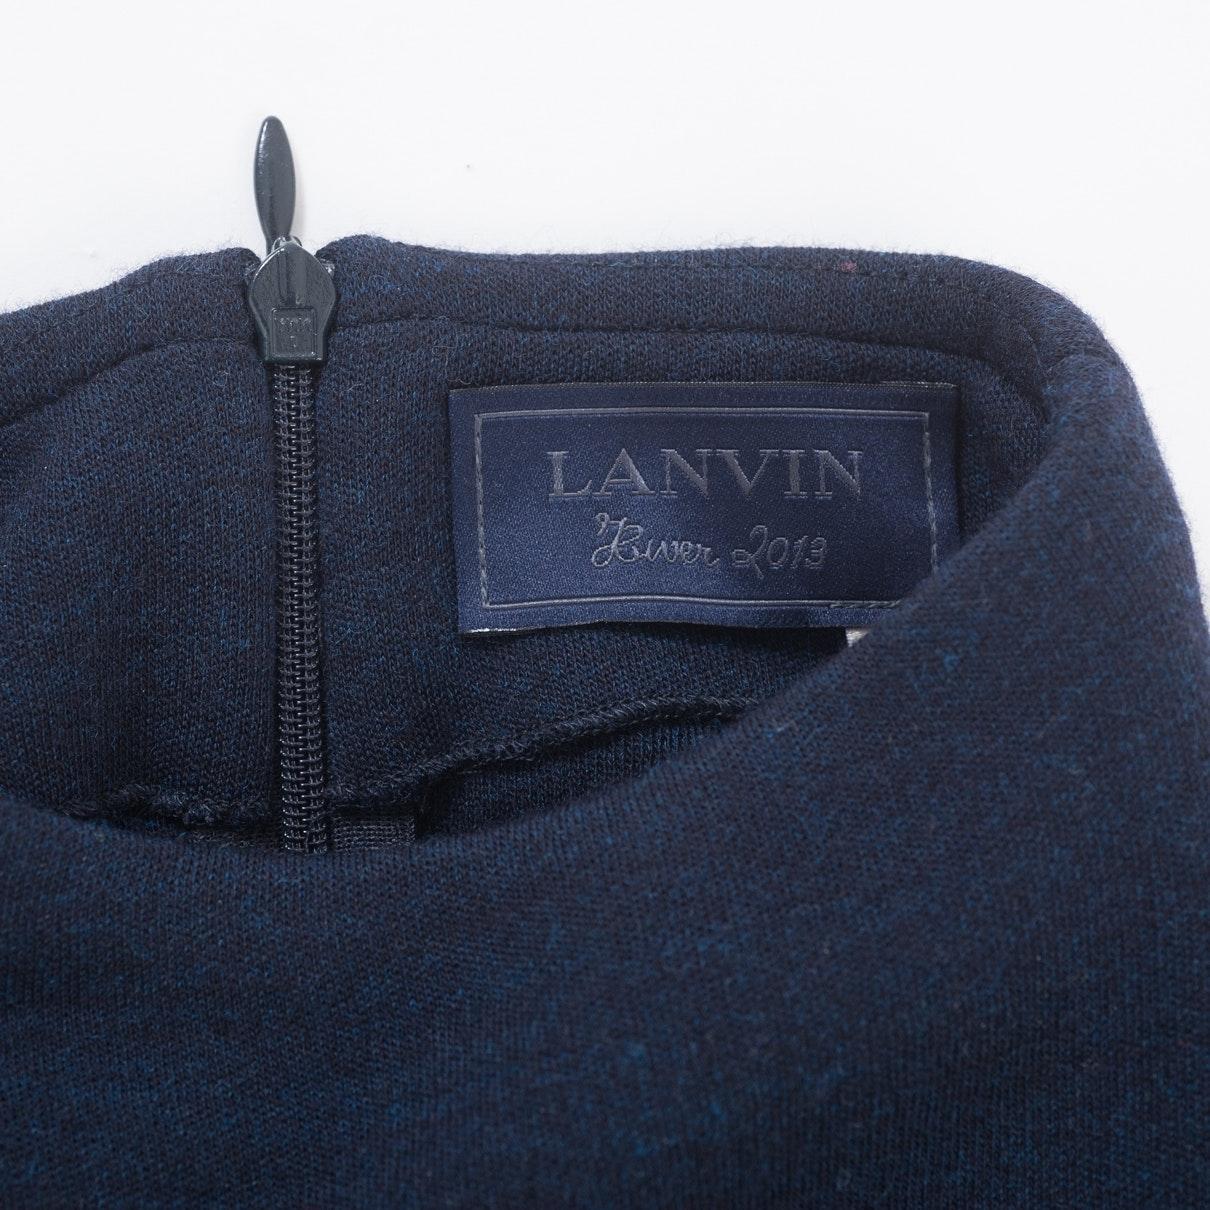 Vestido en lana antracita N Lanvin de Lana de color Azul